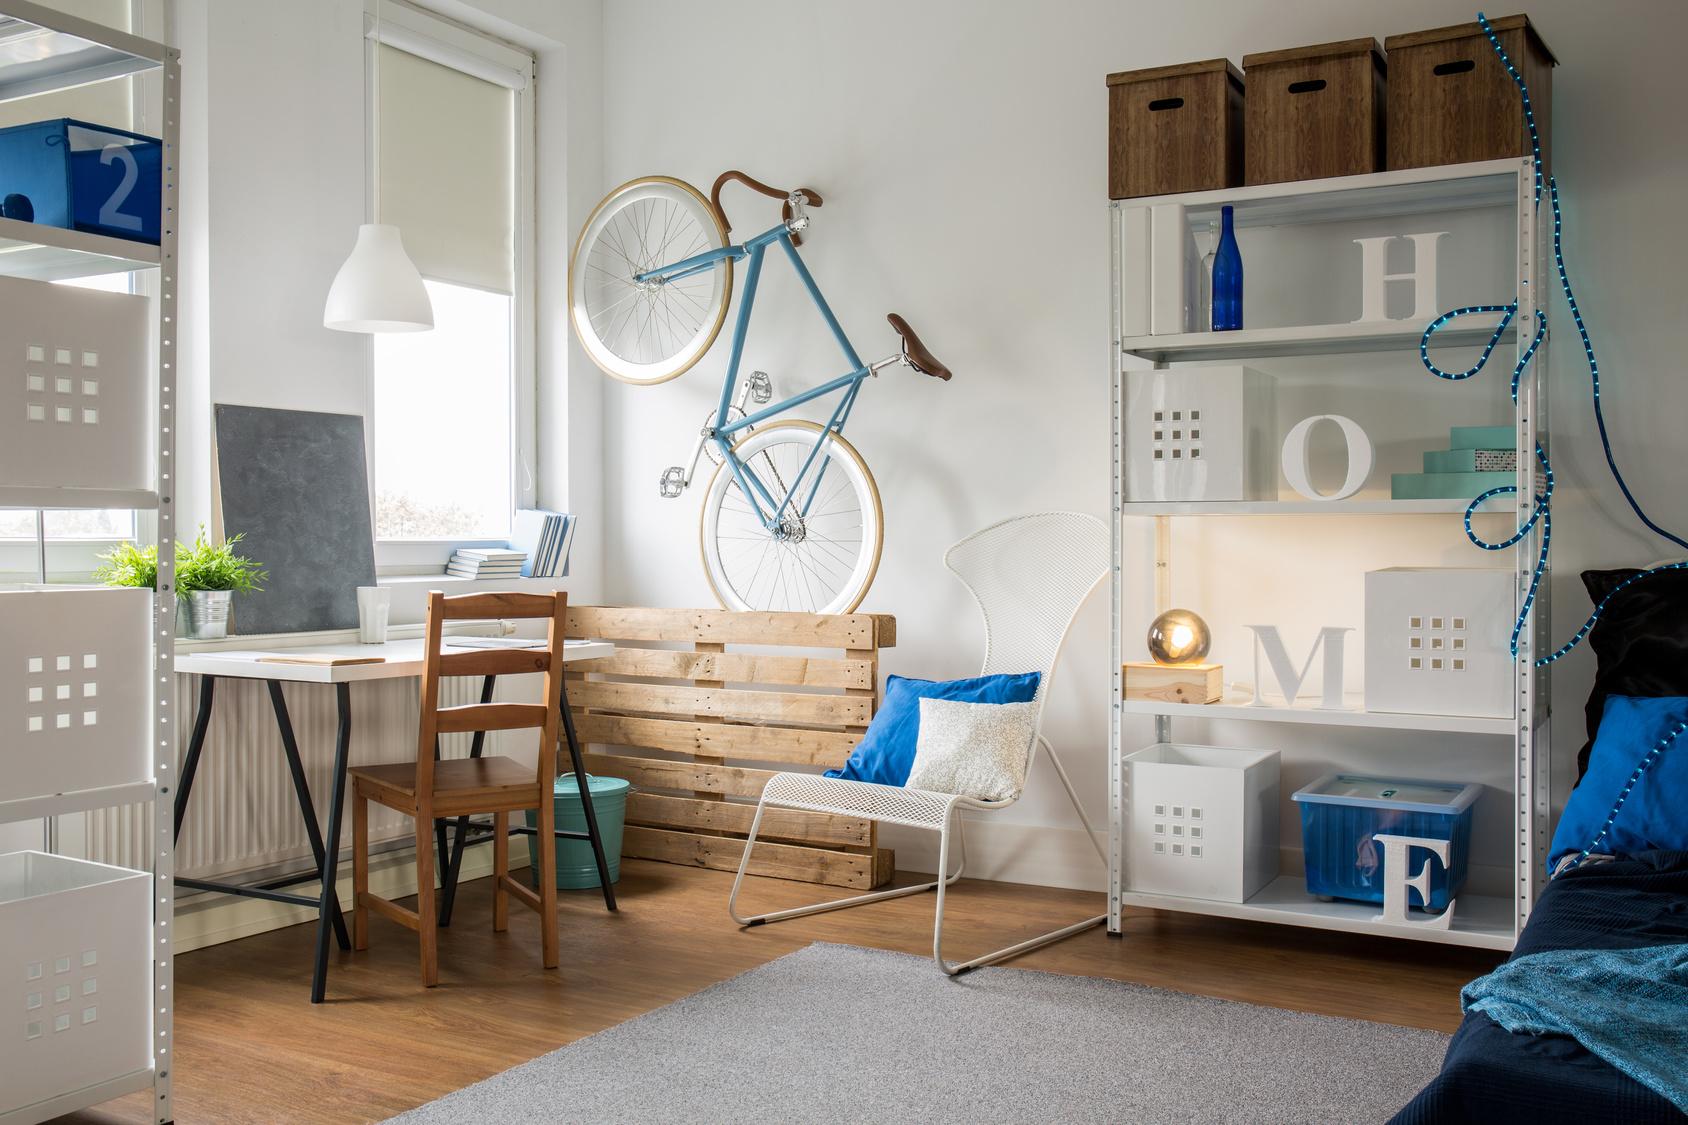 Full Size of Dachgeschosswohnung Einrichten Ideen Ikea Pinterest Kleine Wohnzimmer Bilder Tipps Beispiele Schlafzimmer Stylisch Küche Badezimmer Wohnzimmer Dachgeschosswohnung Einrichten